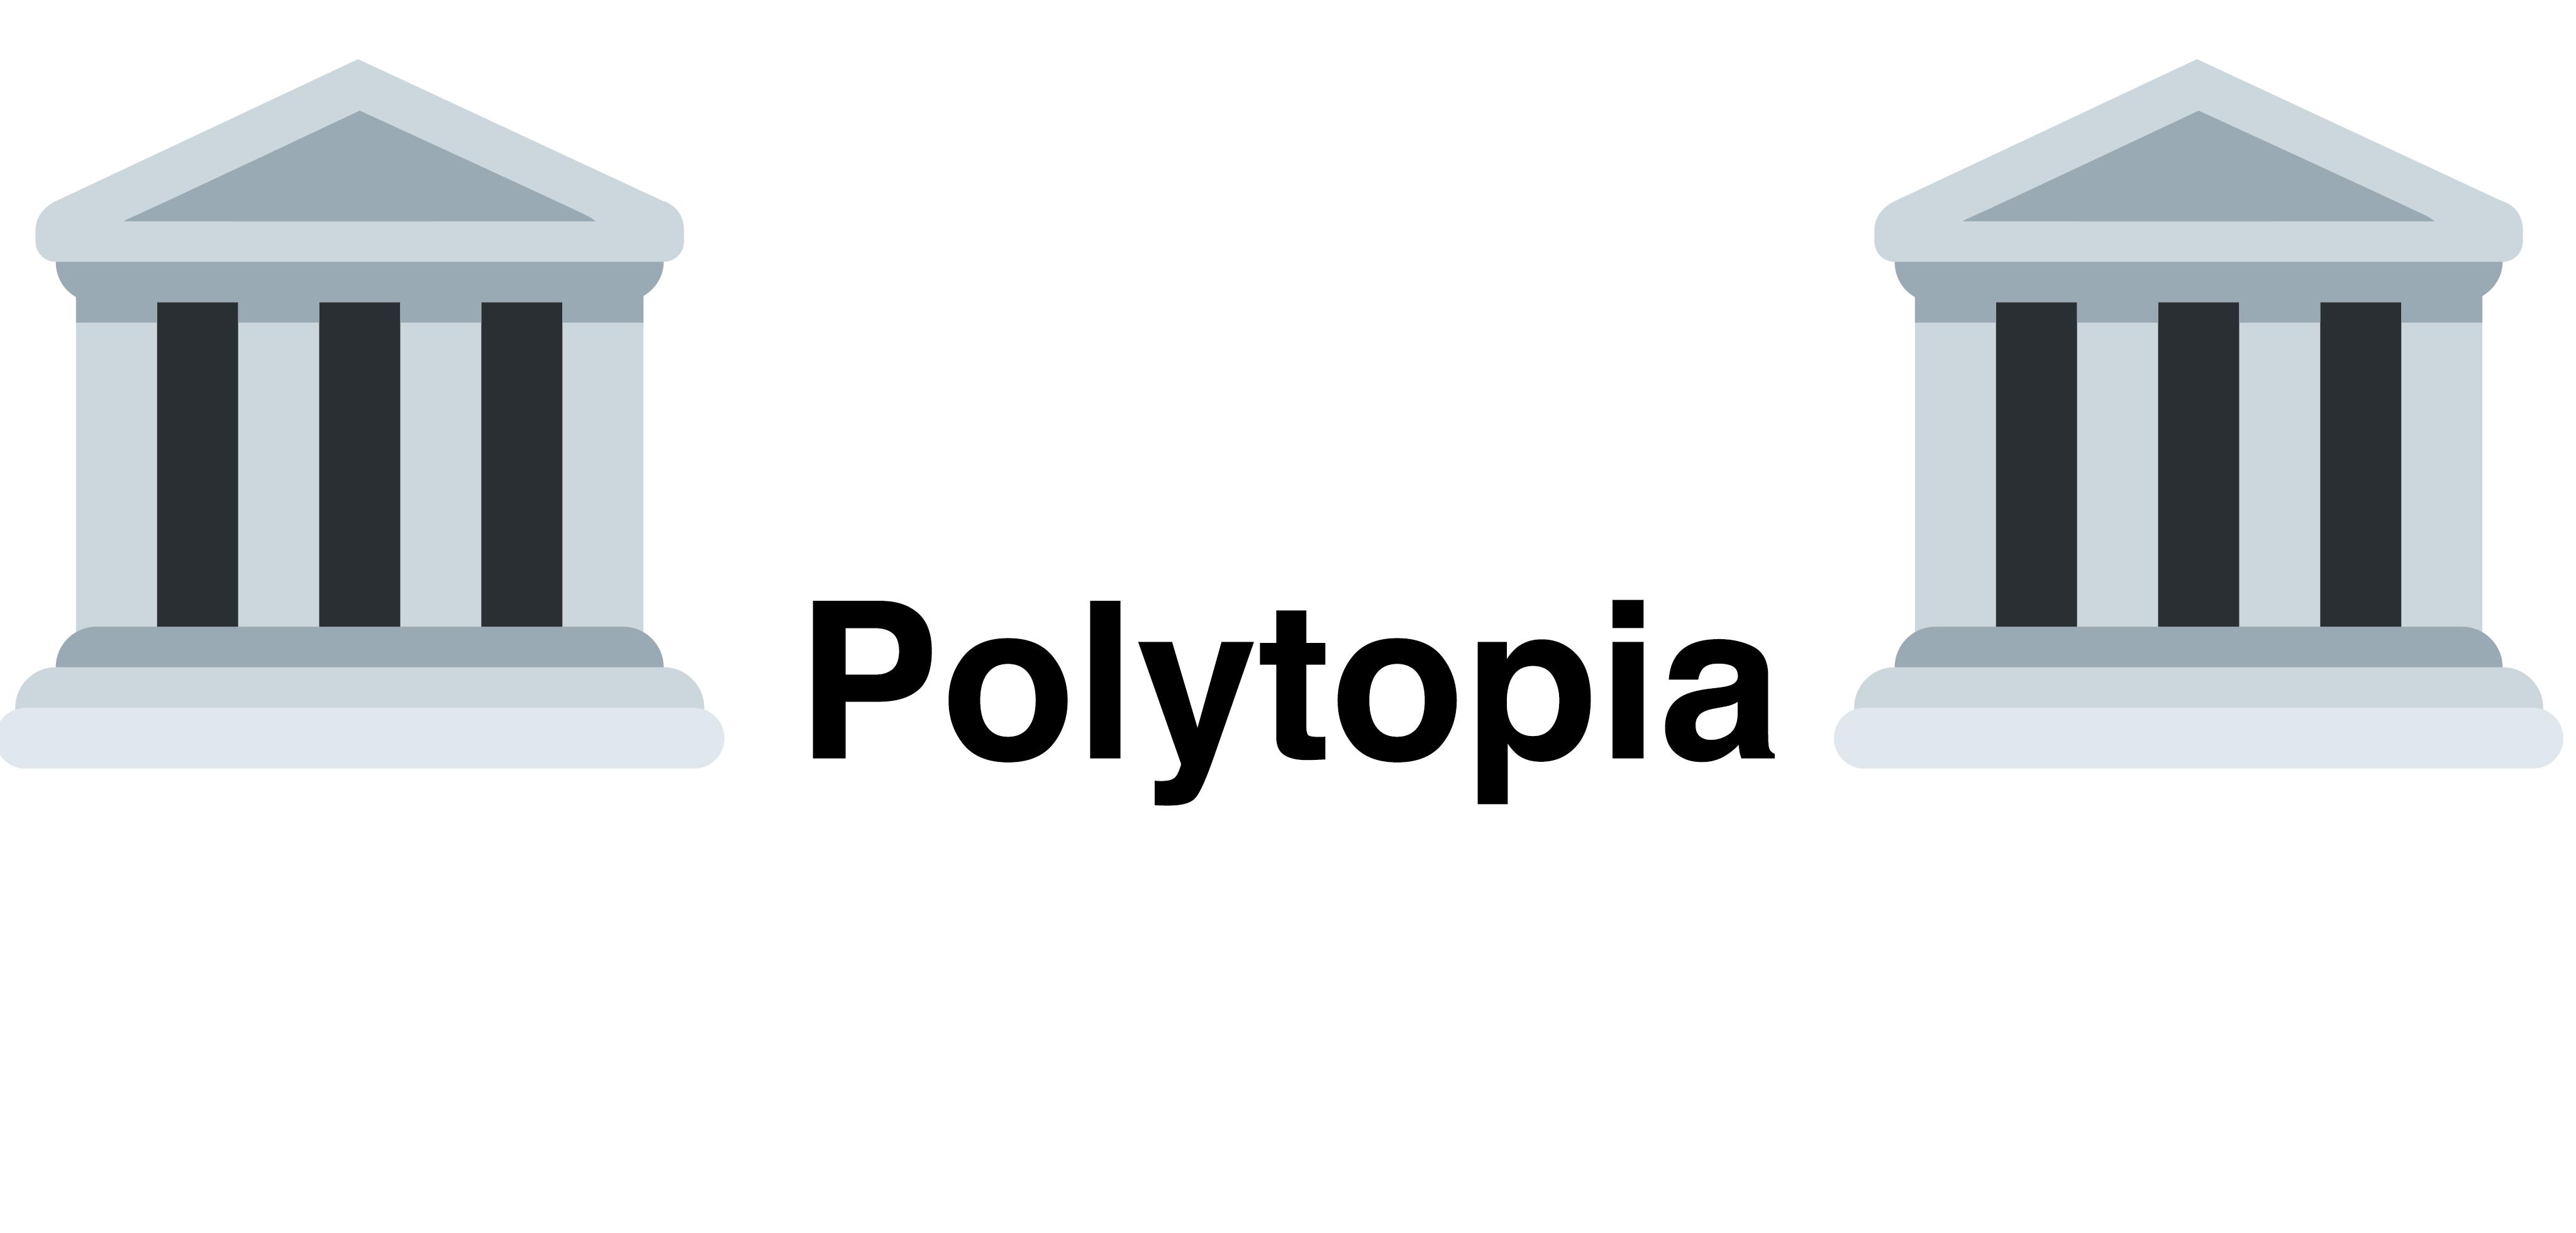 Ethiopia/Polytopia showcase